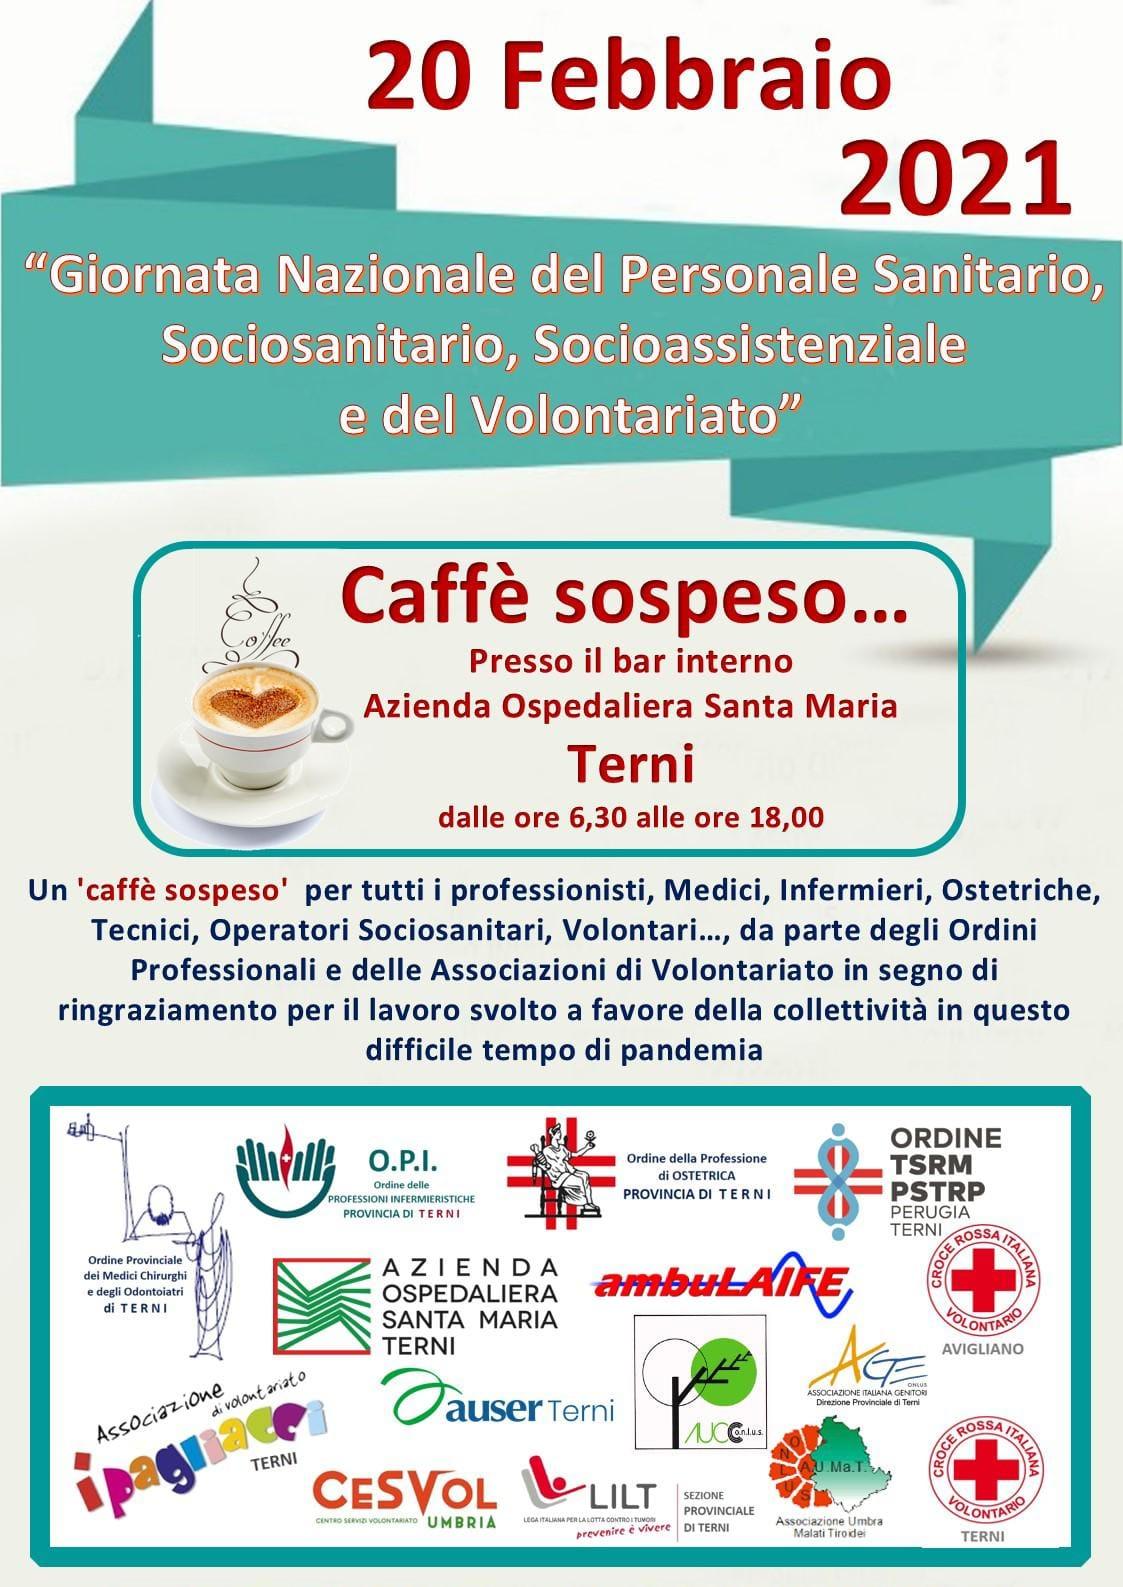 Giornata Nazionale Del Personale Sanitario E Sociosanitario, Del Personale Socioassistenziale E Del Volontariato – 20 Febbraio 2021